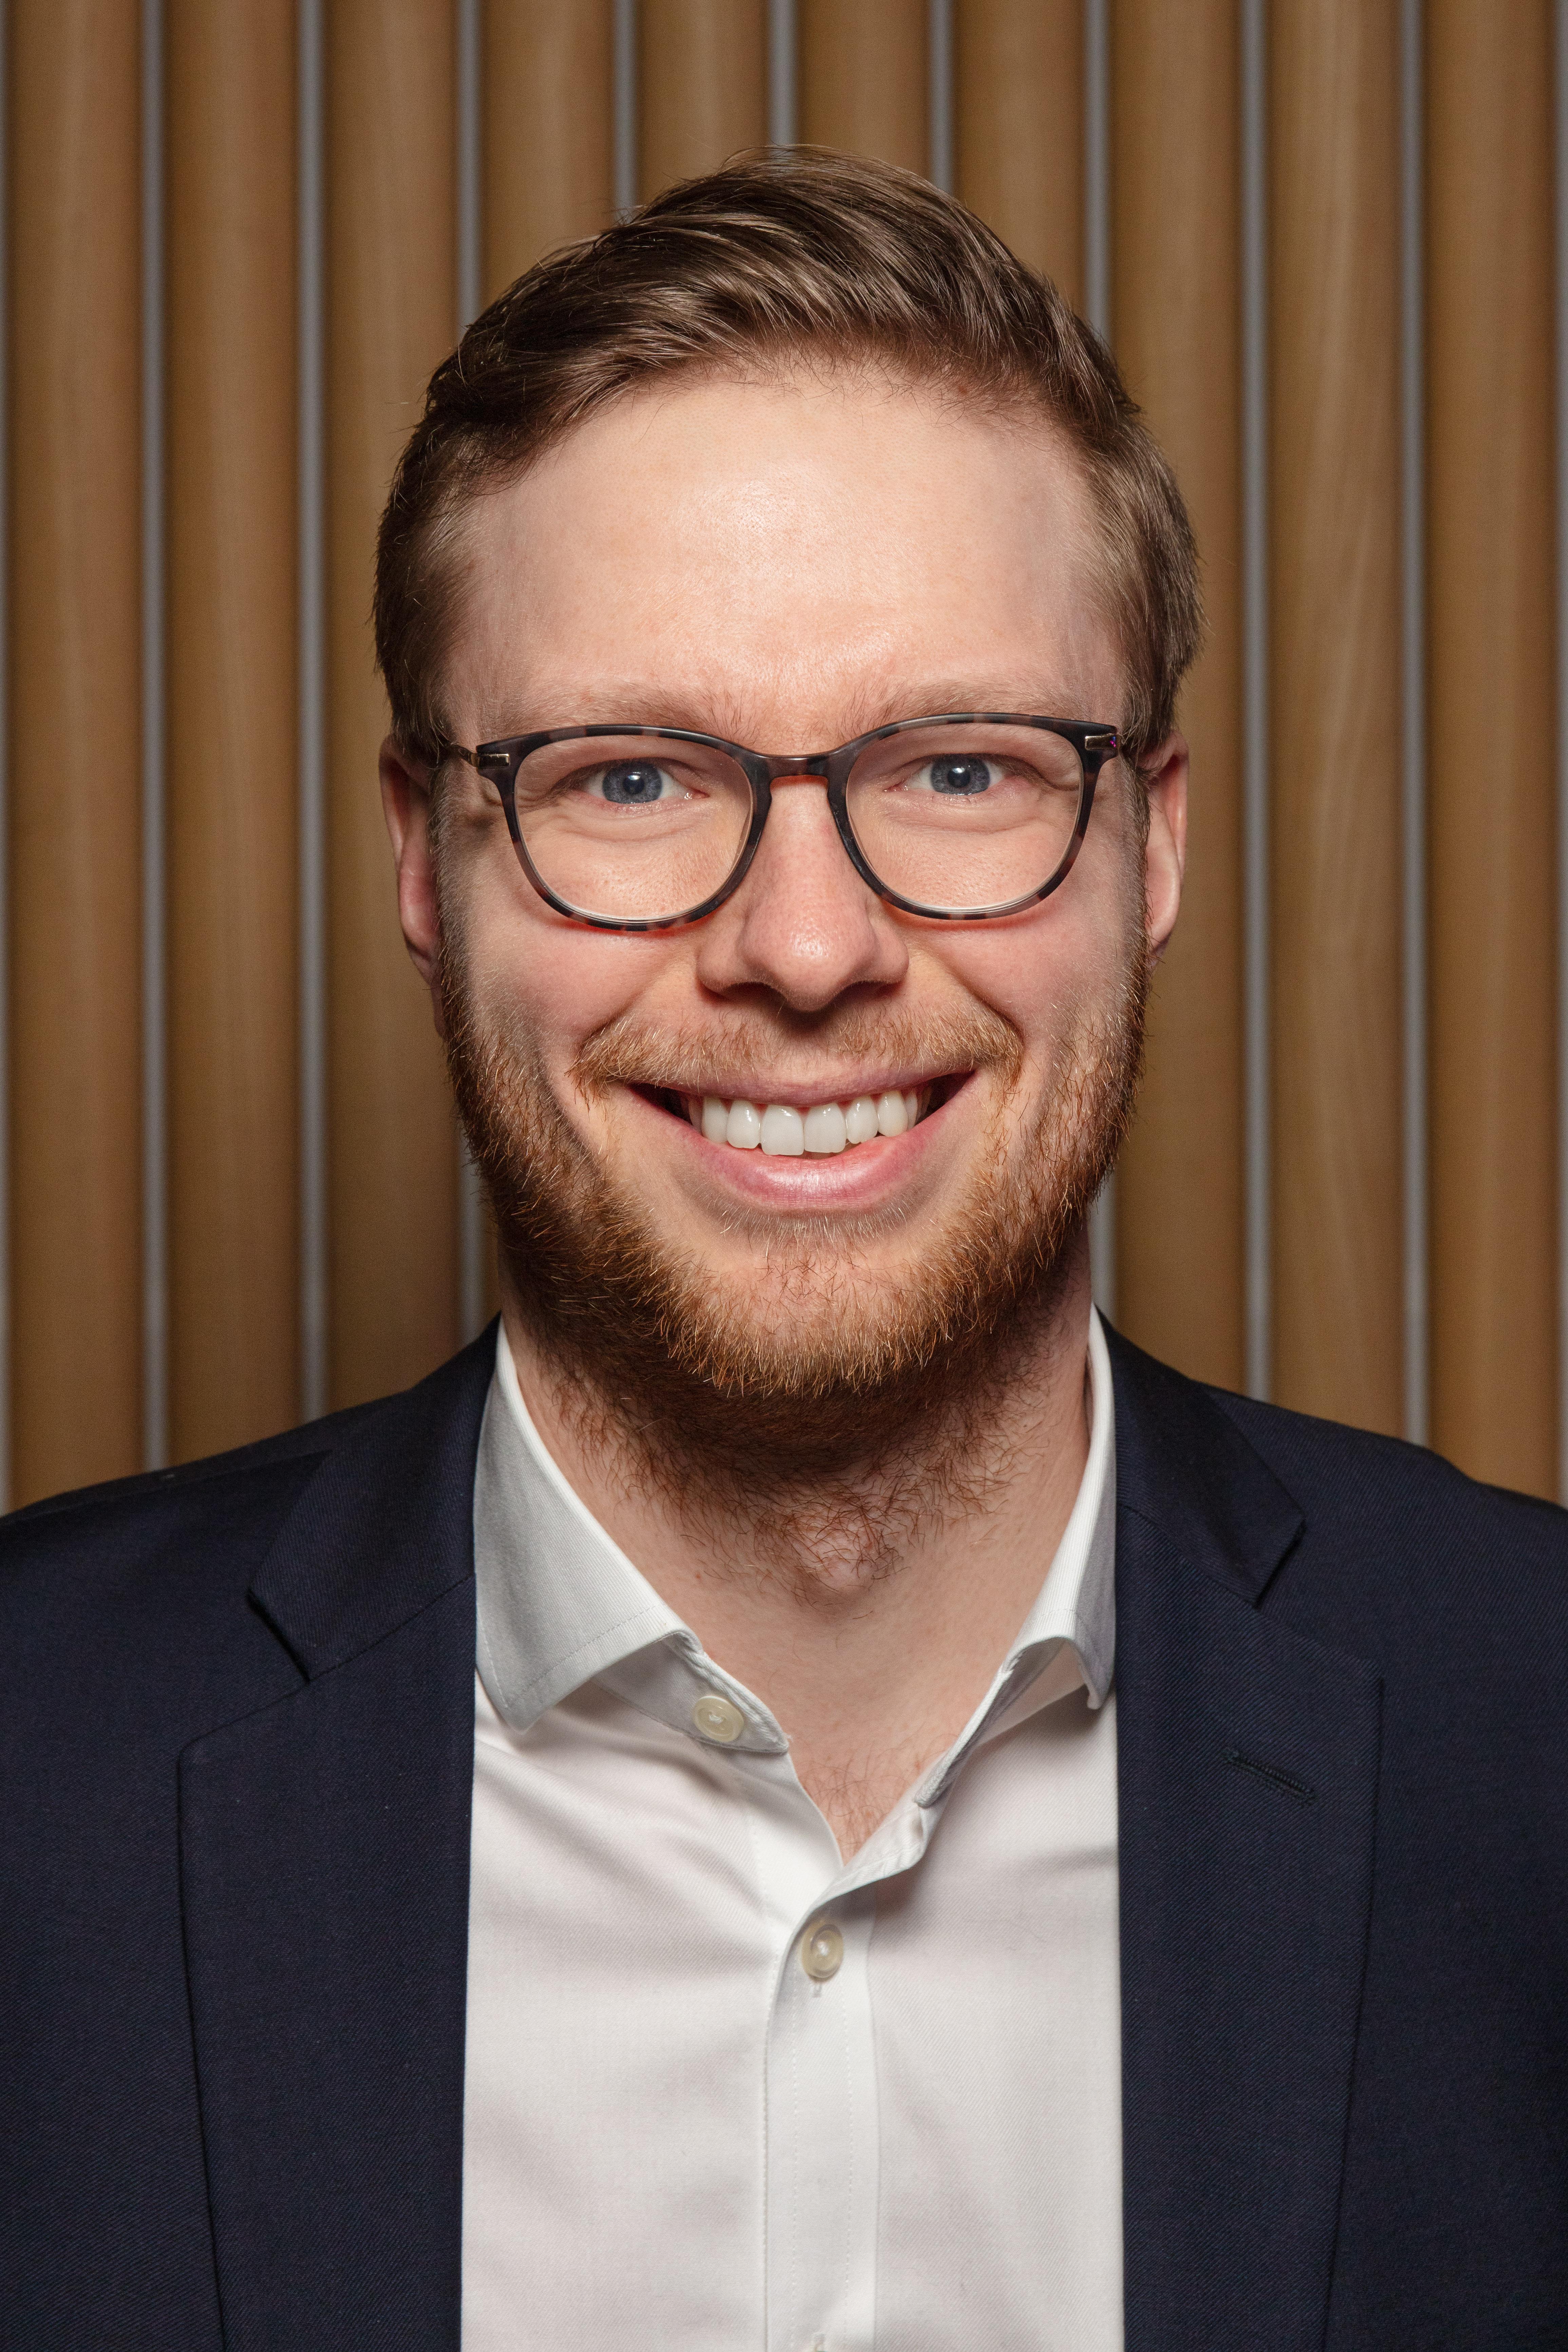 Anton Edlund